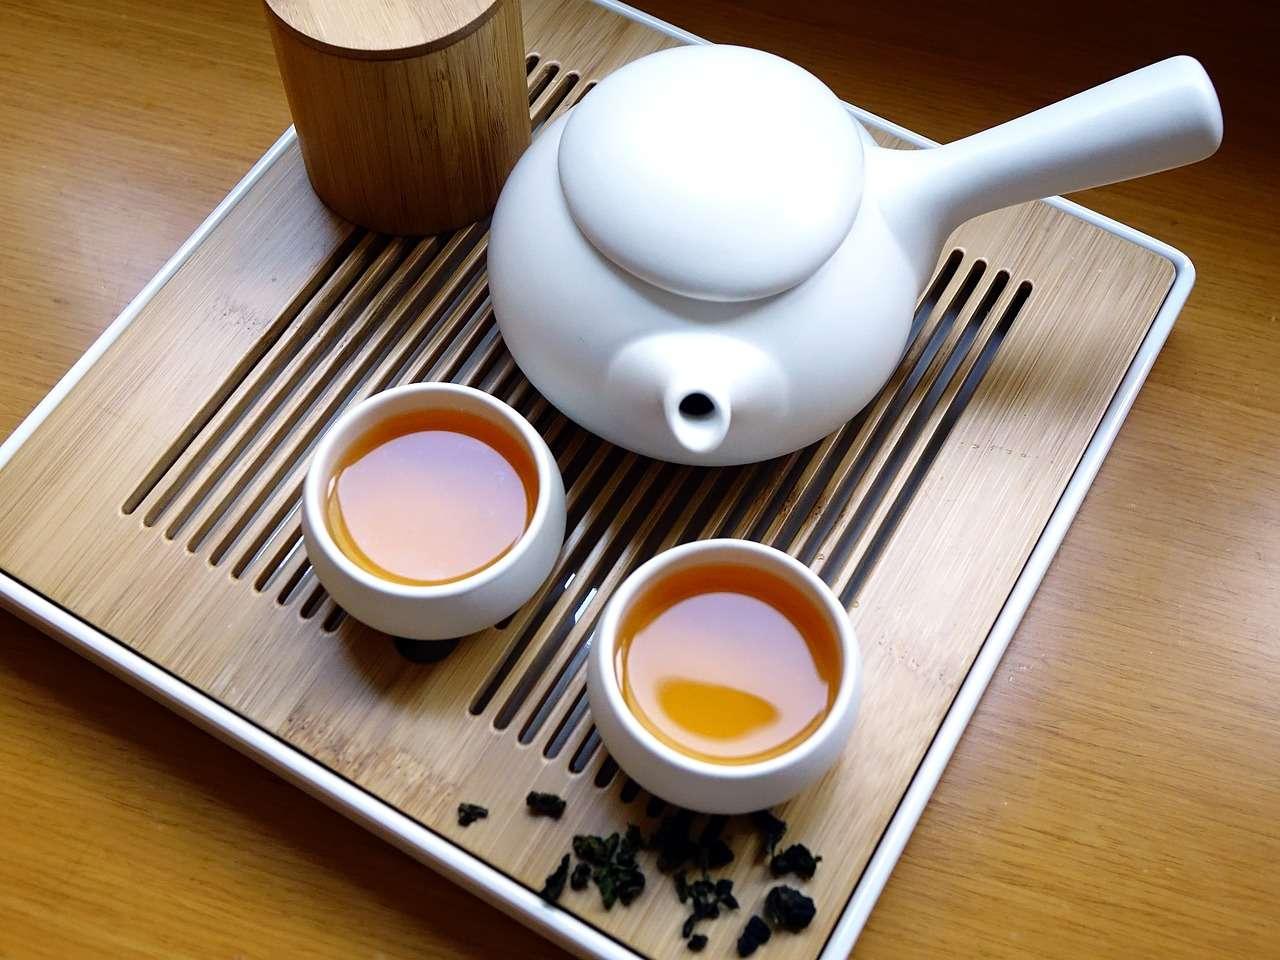 nghệ thuật trà đạo trung quốc 280219_01